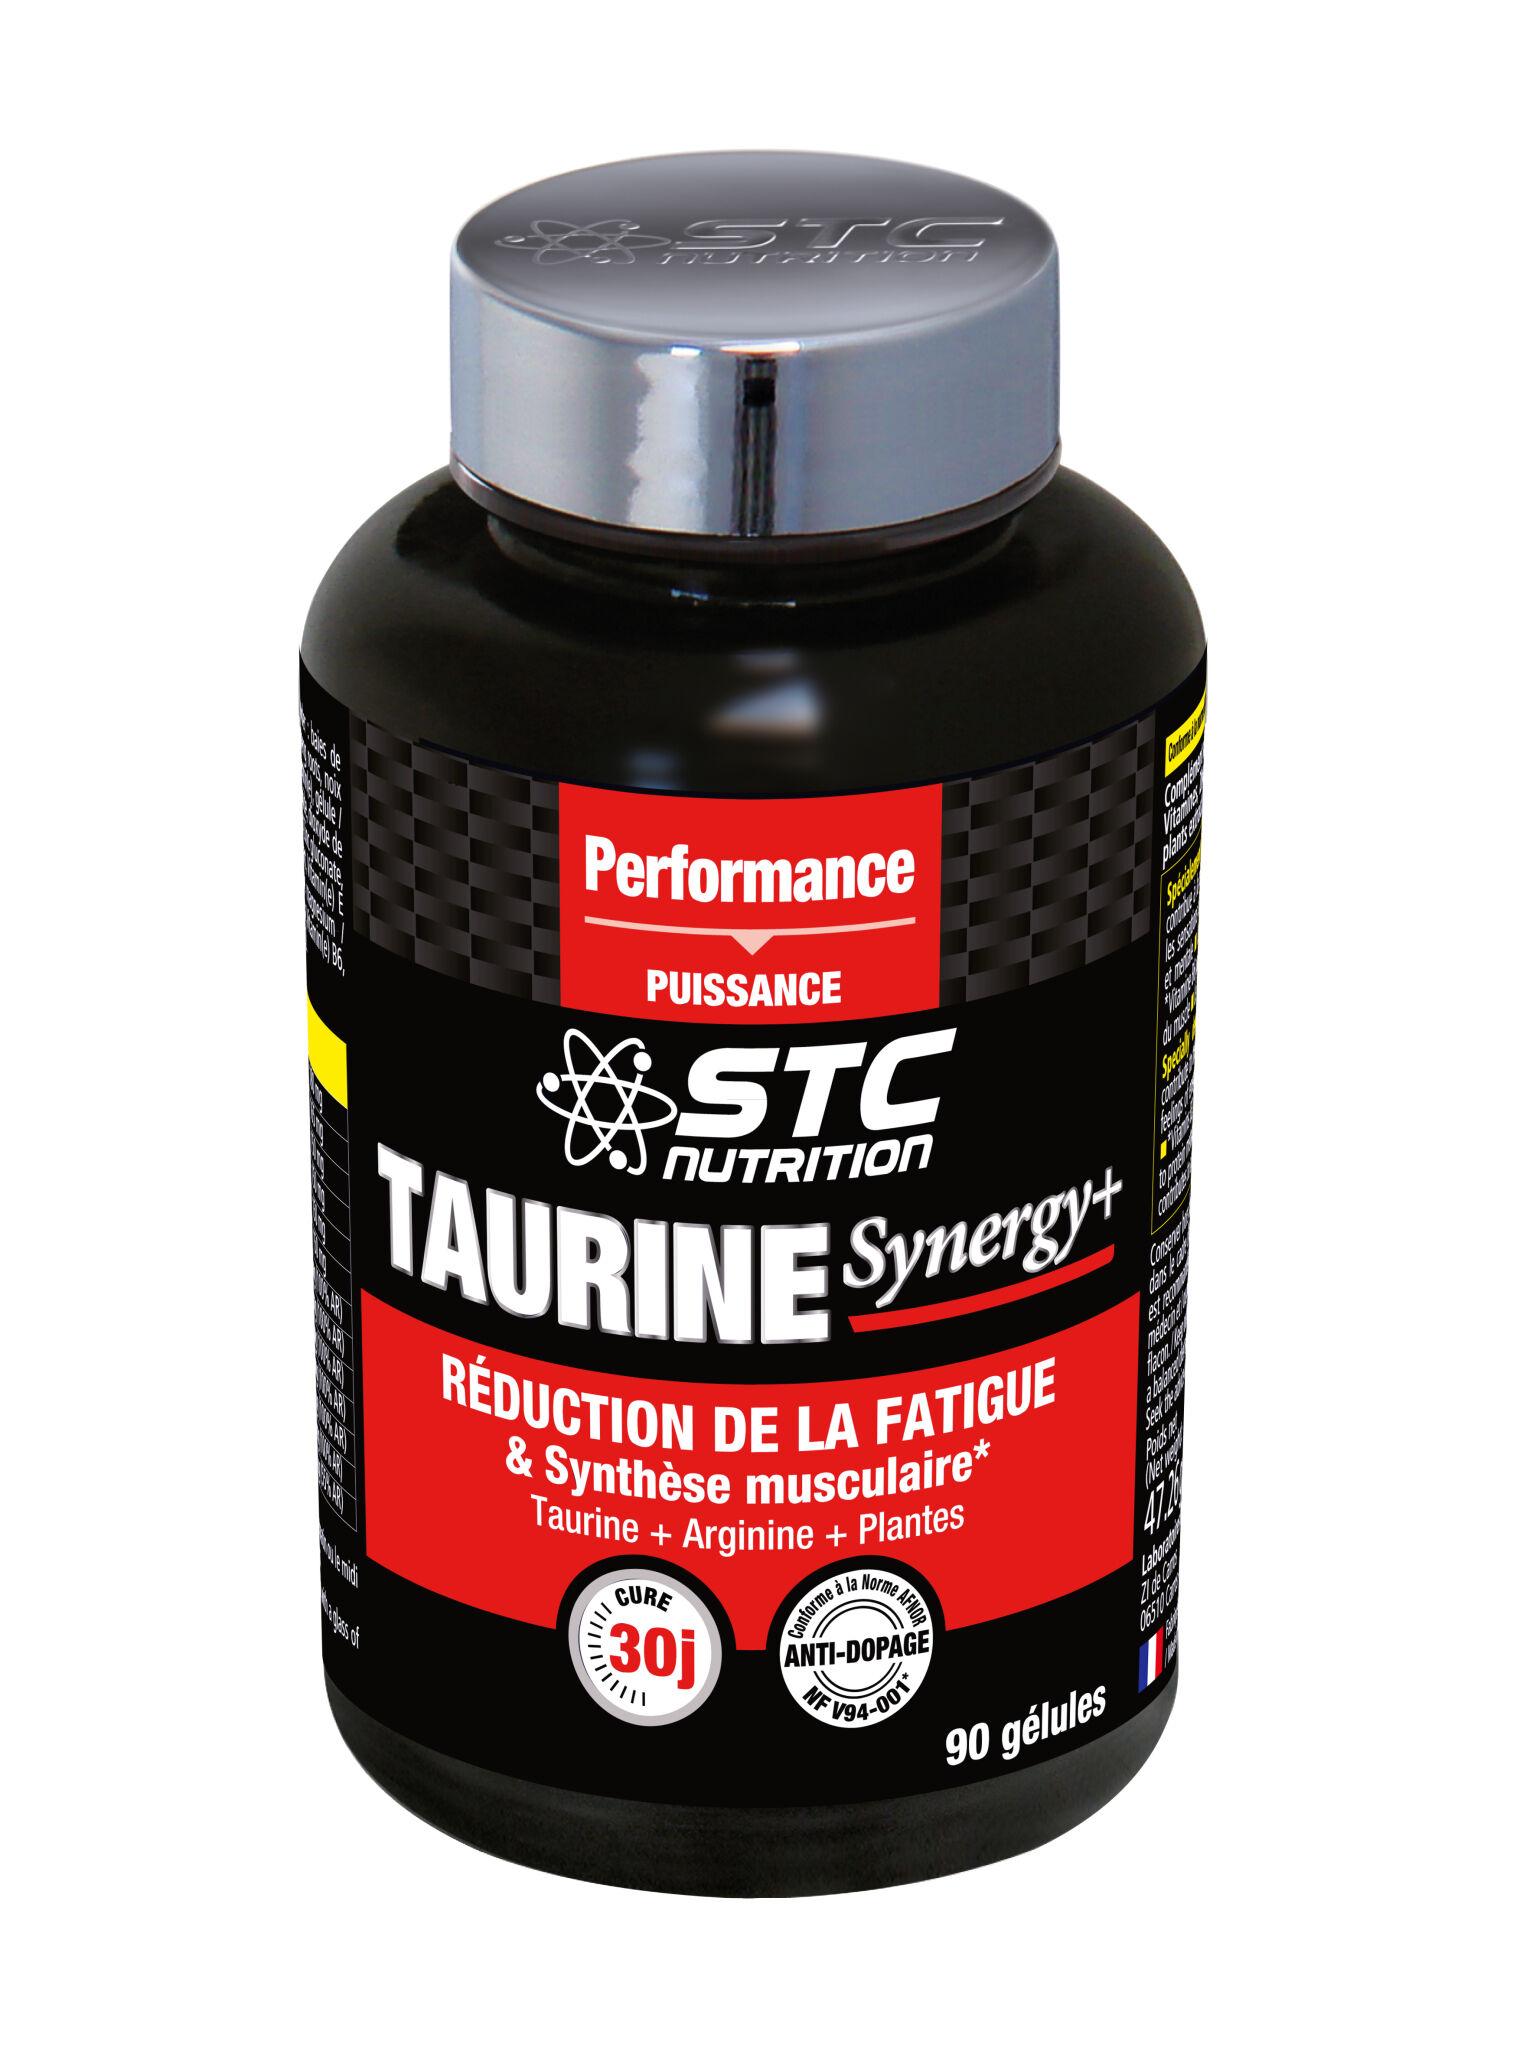 Stc nutrition taurine synergy+ en 90 gelules